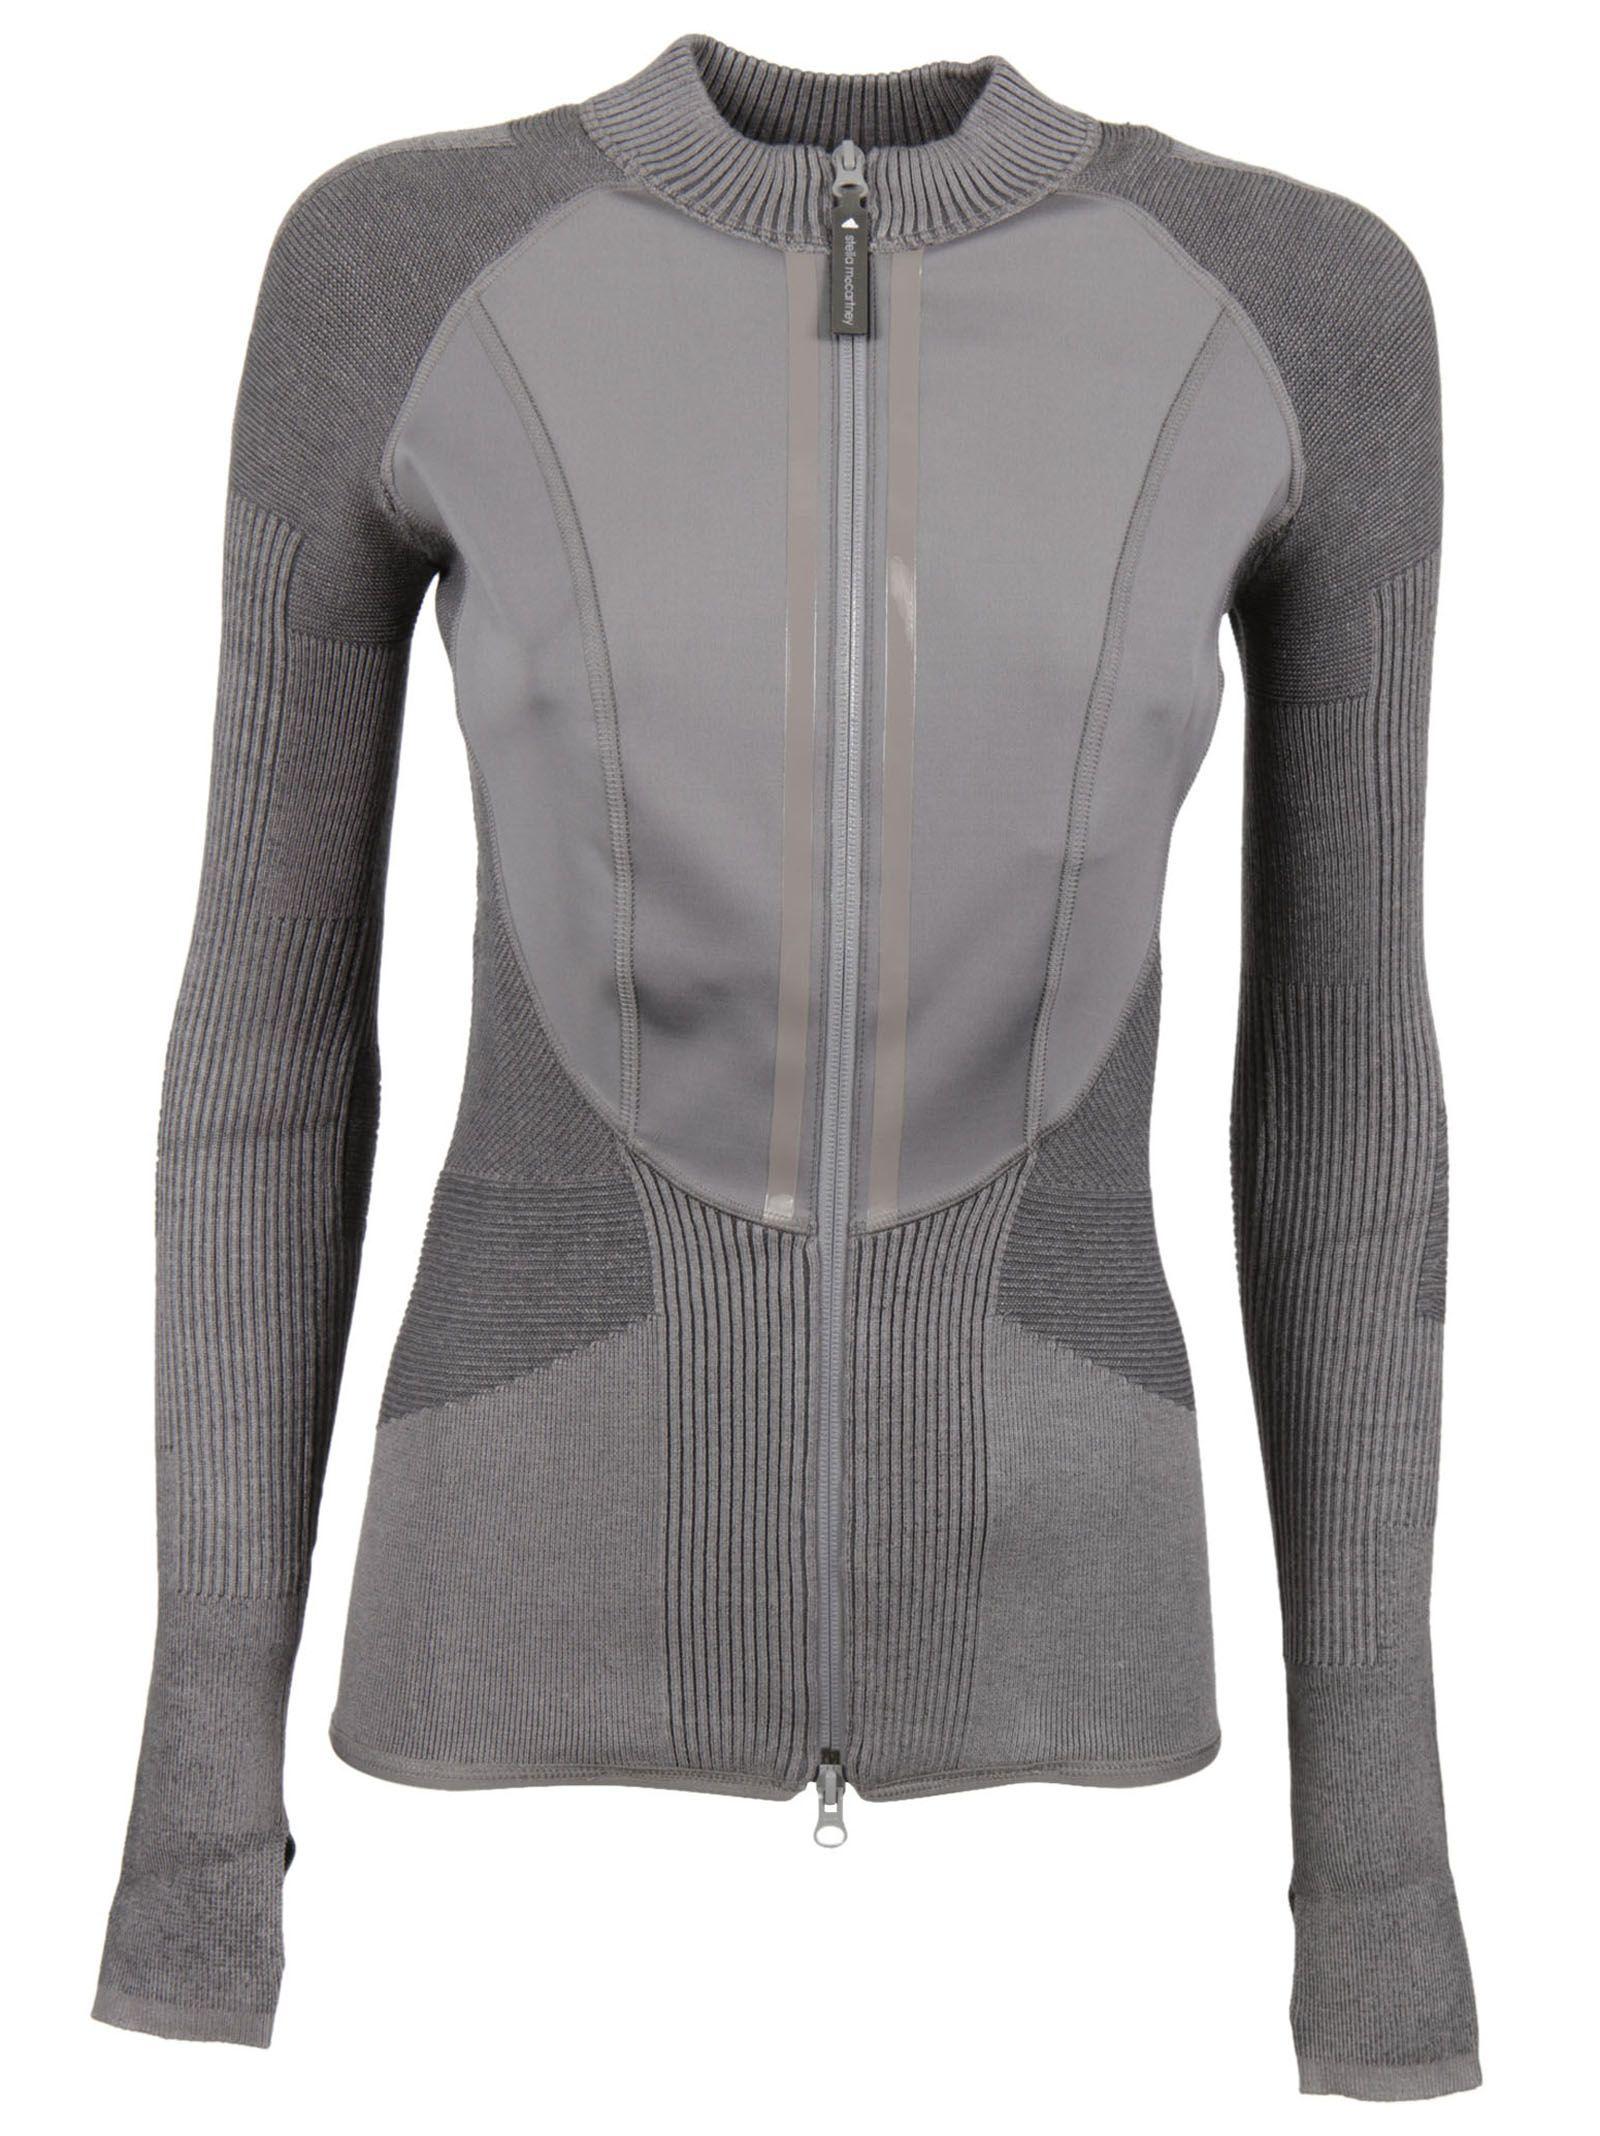 Adidas By Stella Mccartney Zipped Sweatshirt